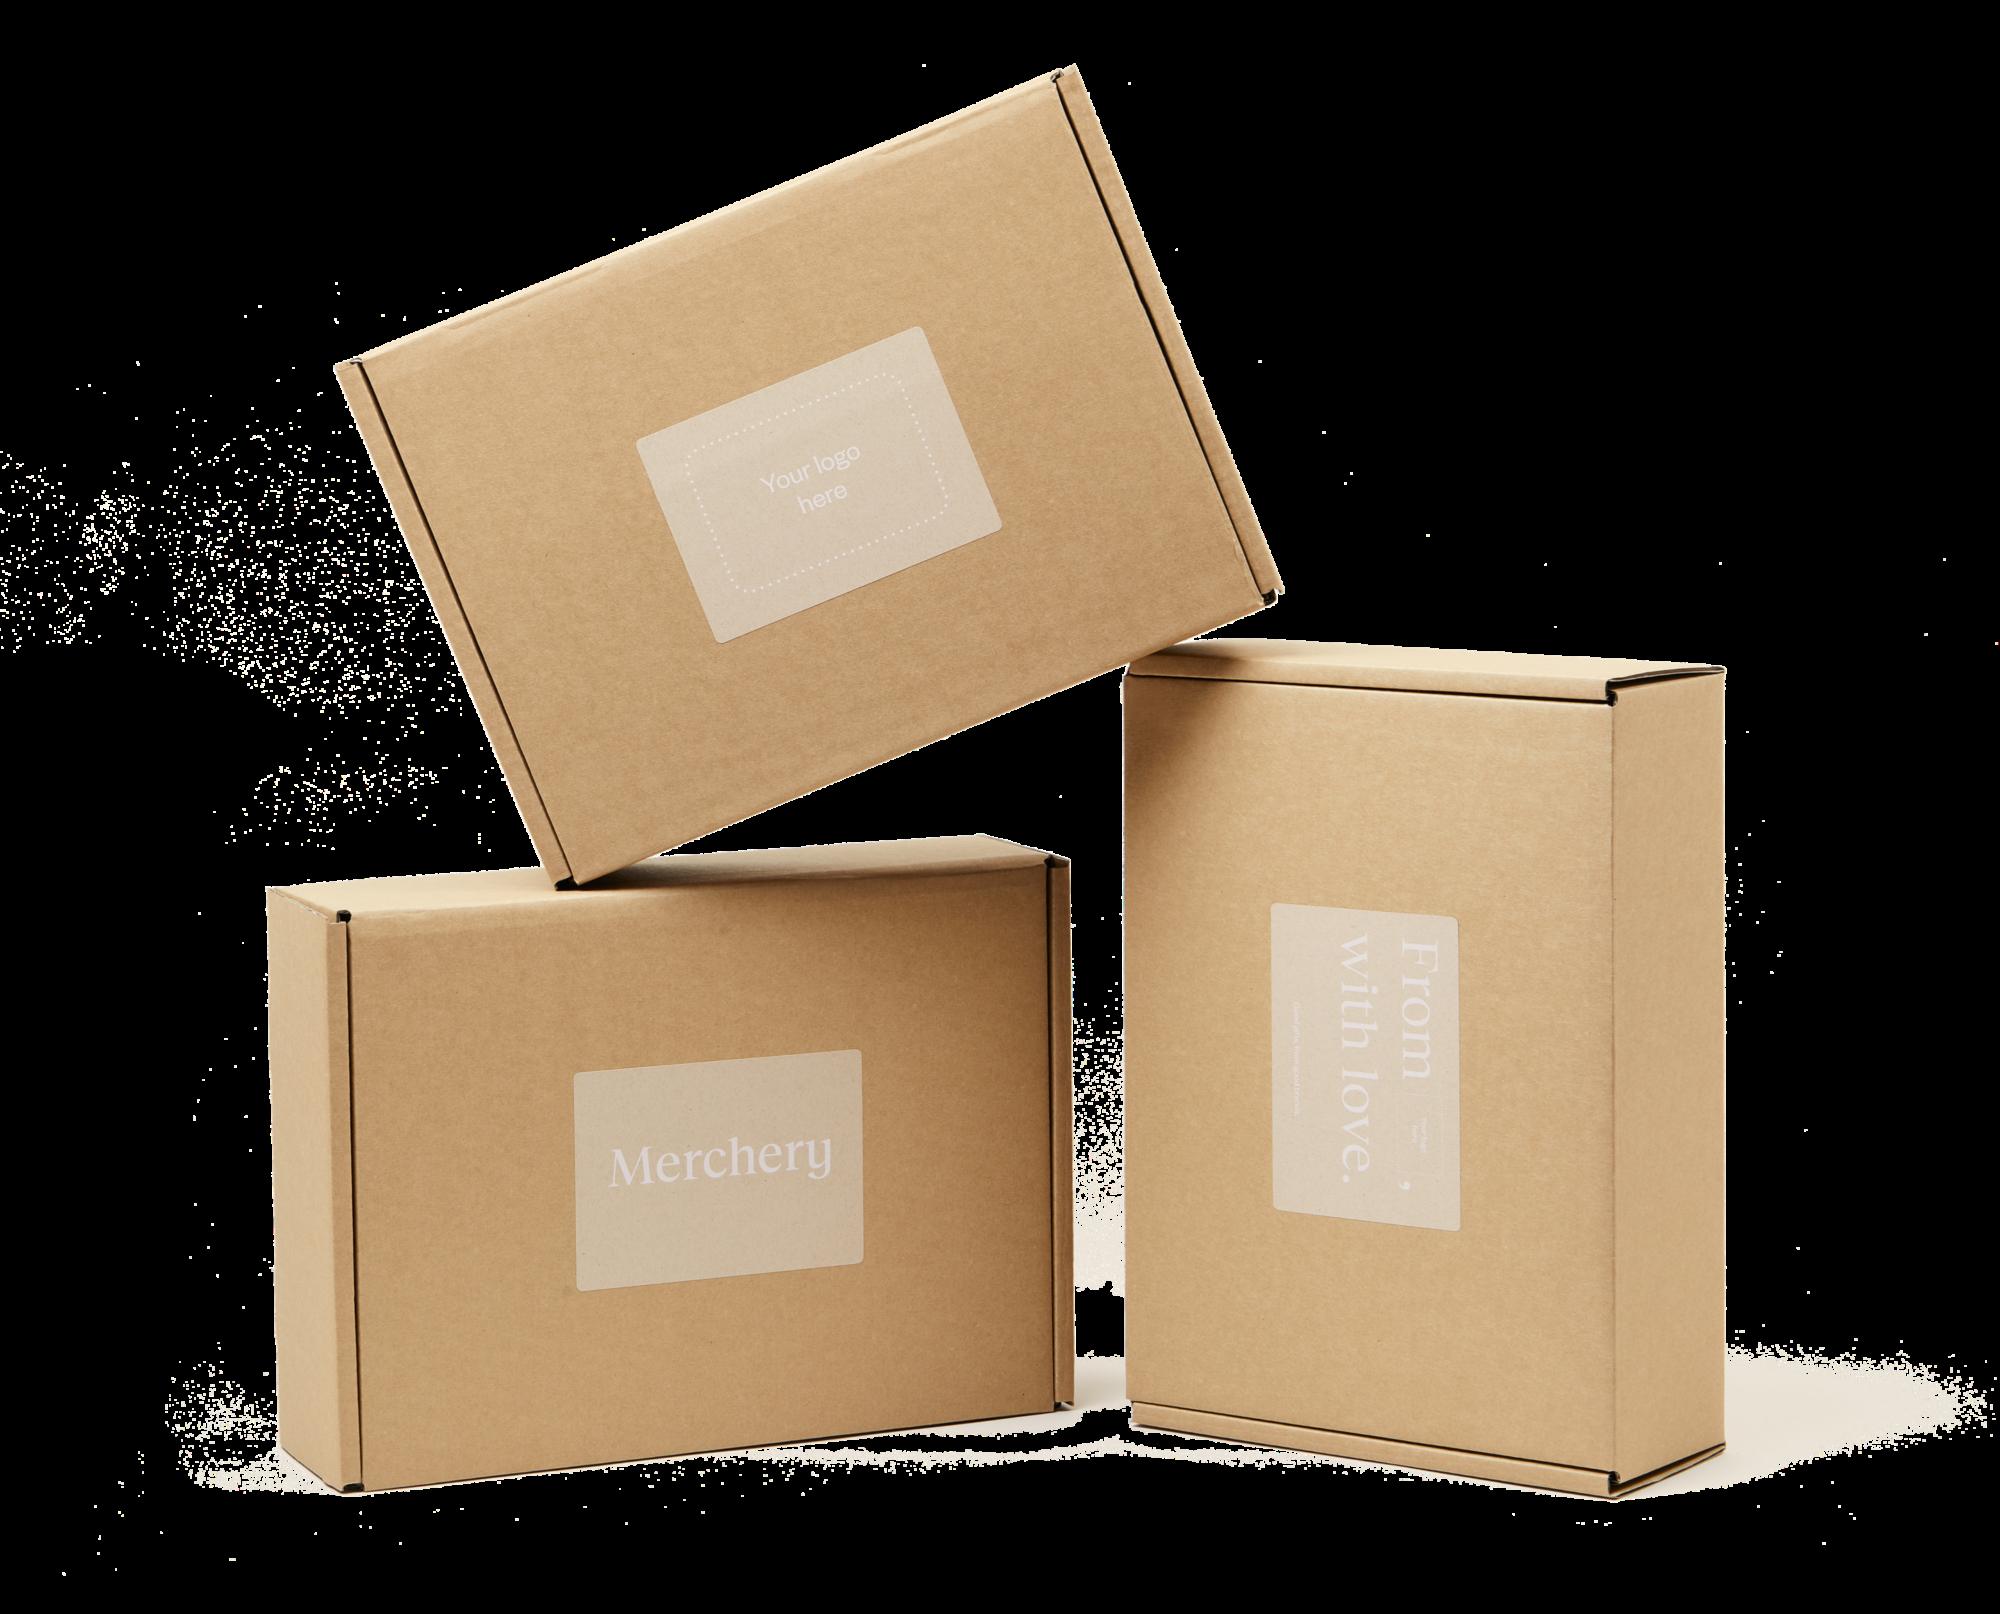 Sustainable & Premium Customized Business Gift Box - Merchery